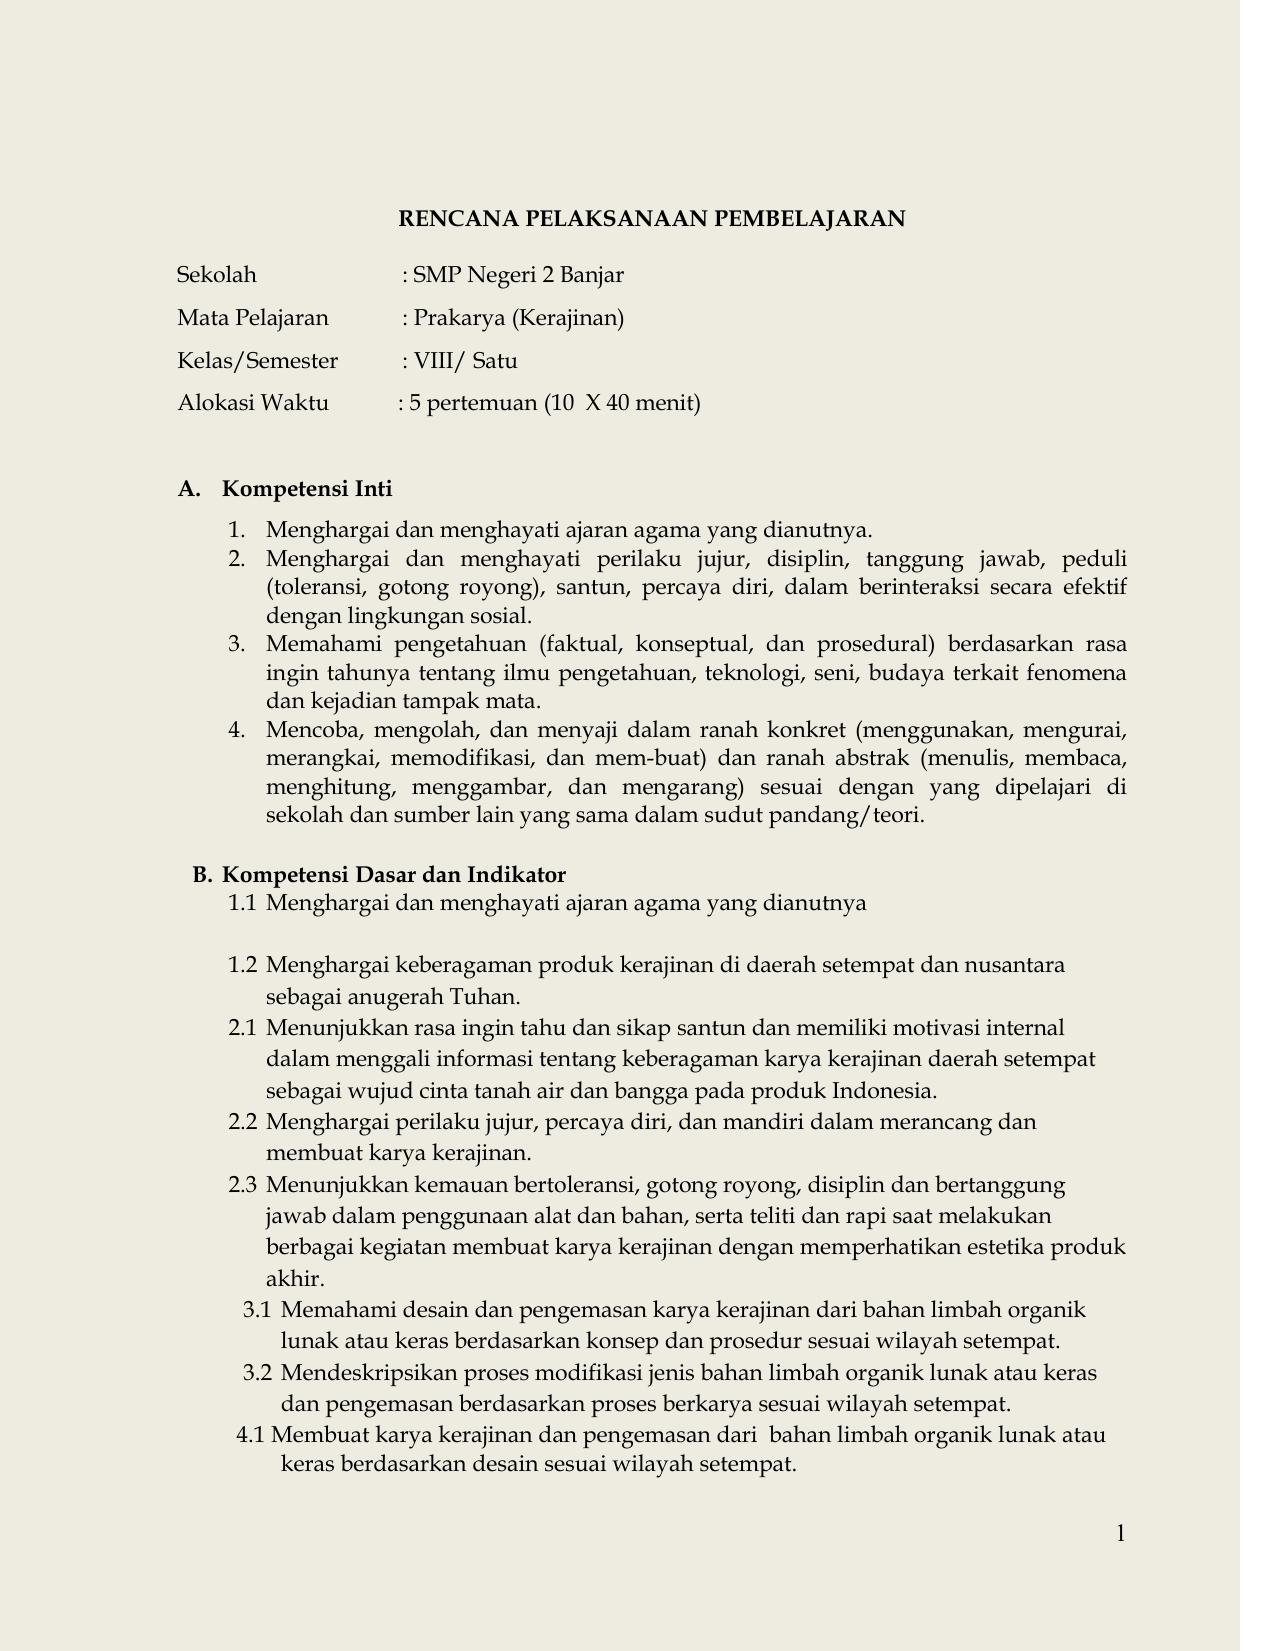 Prakarya Kerajinan Smp Negeri 2 Banjar